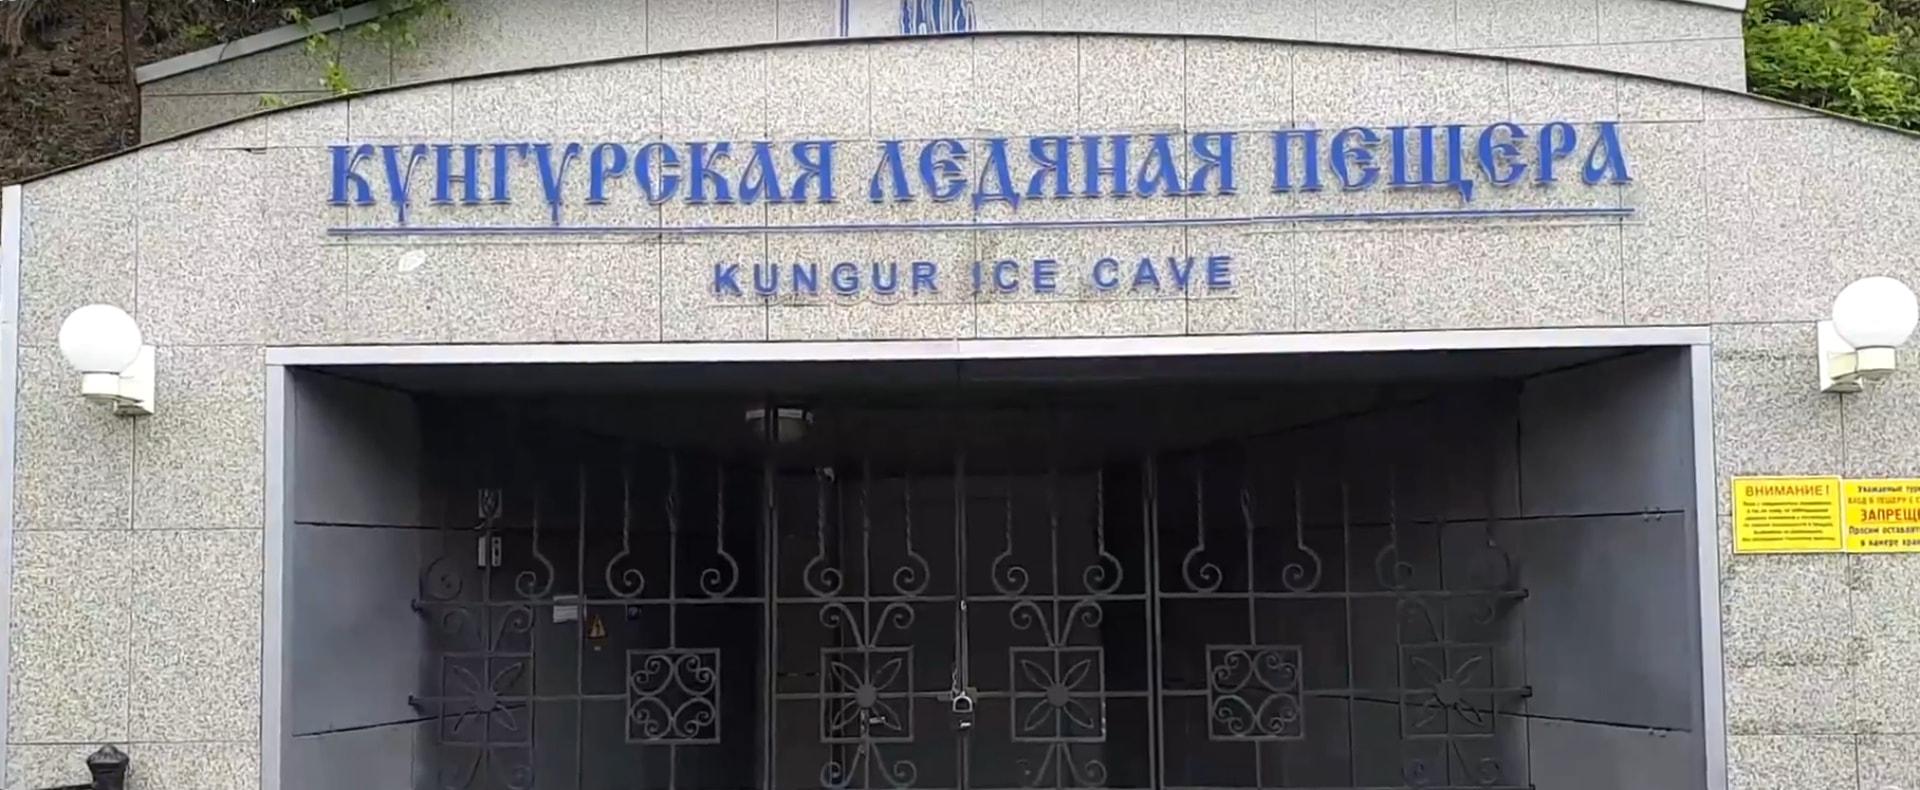 Kungur Ice cave, Perm